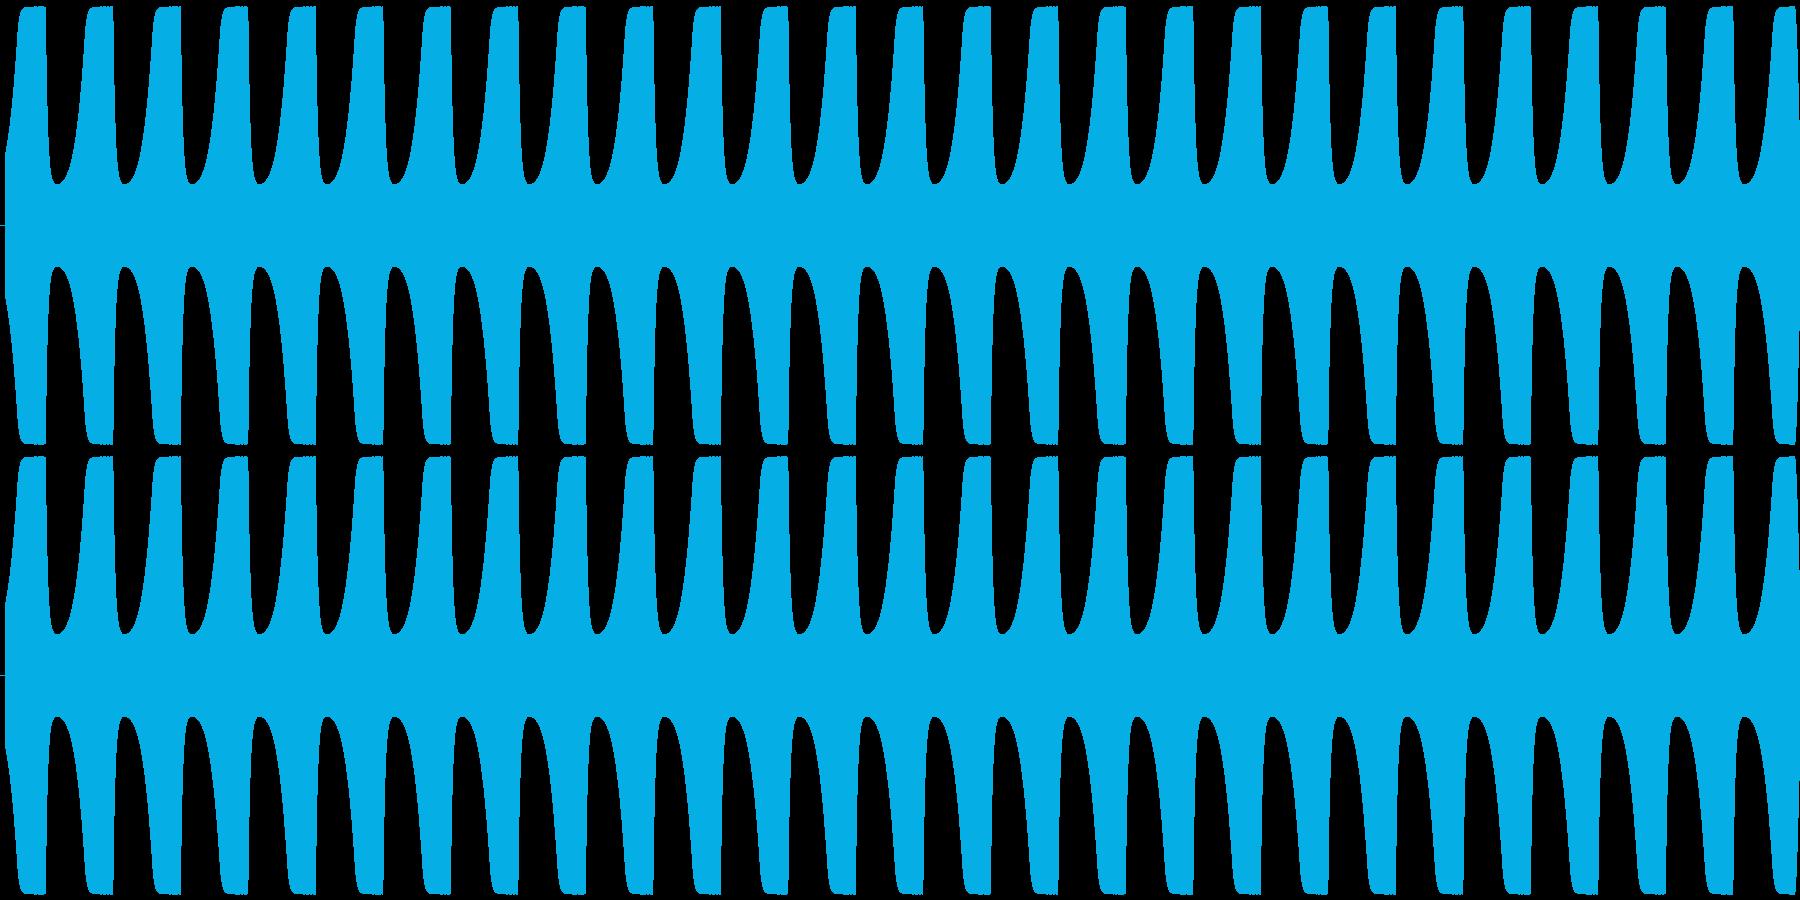 ゲームテキスト効果音A-6(低め 長い)の再生済みの波形